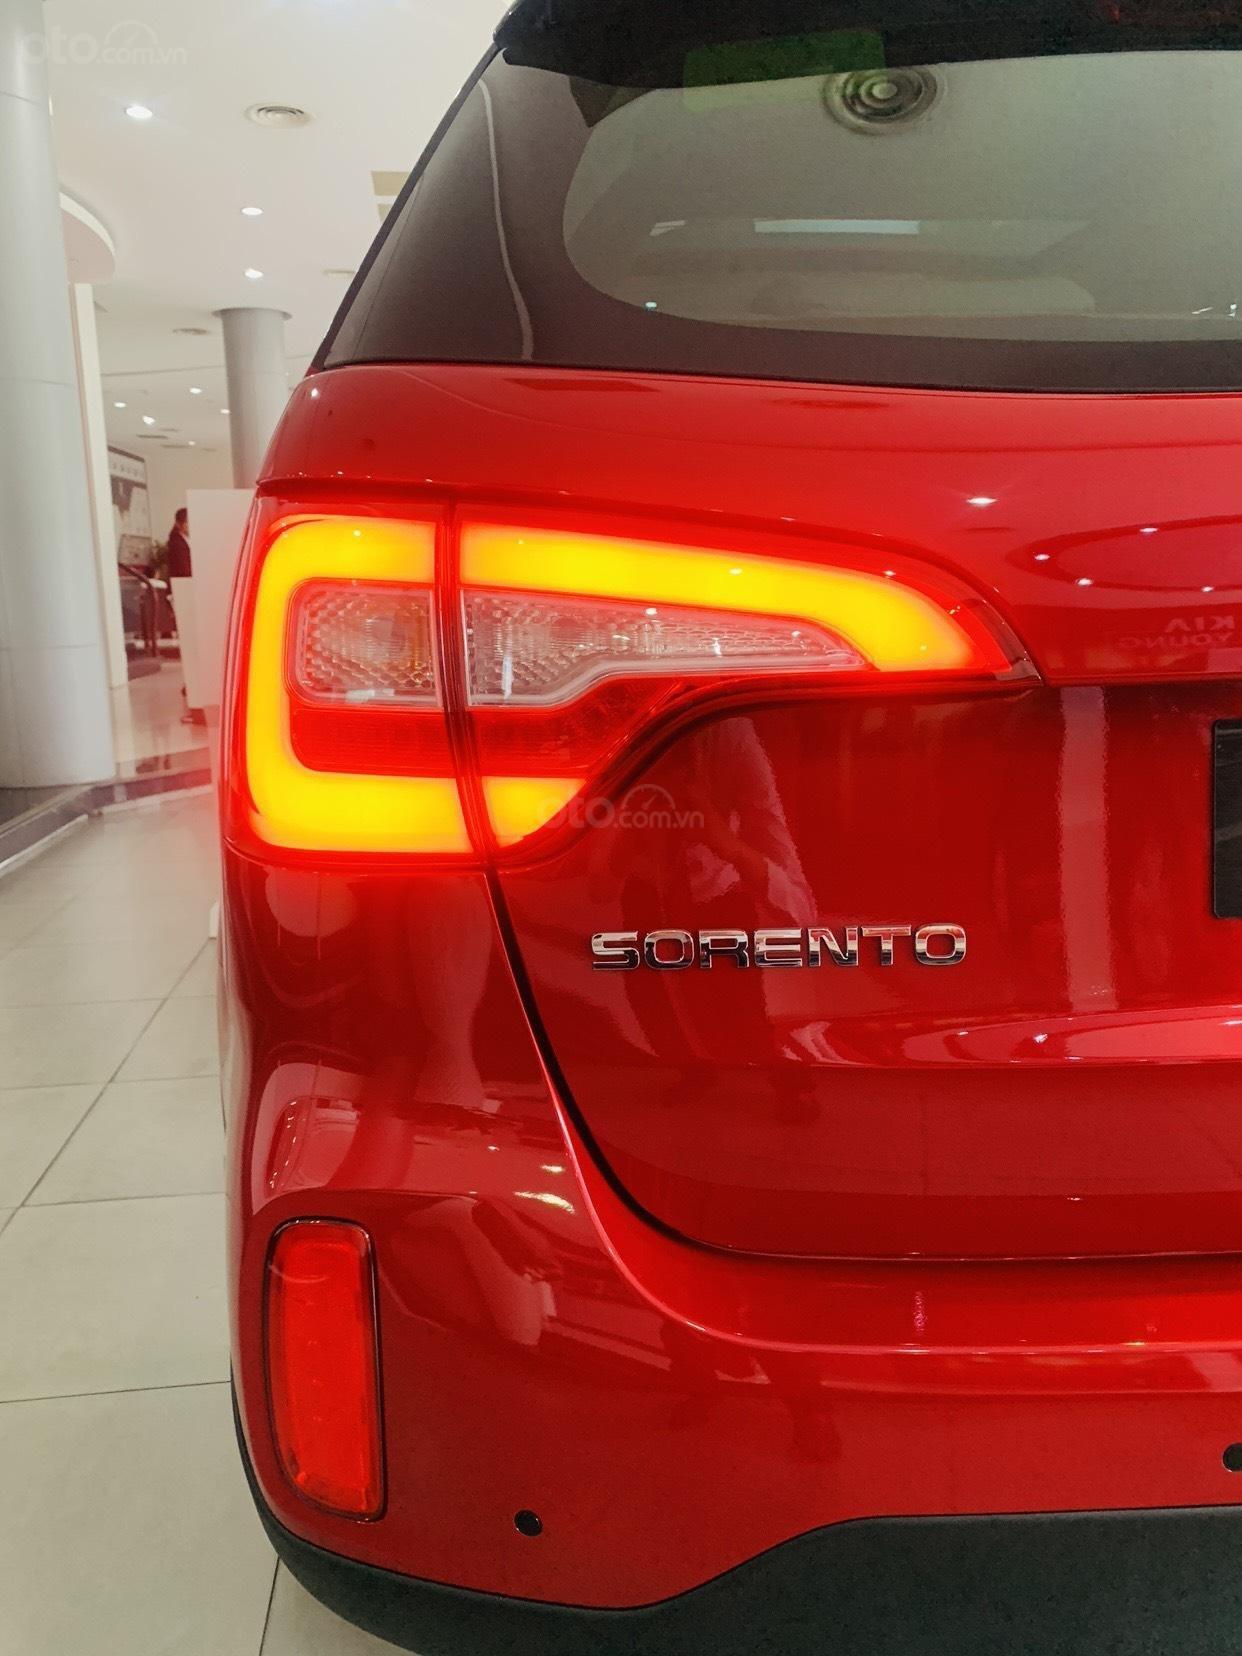 Kia Sorento 2019 giá đặc biệt ưu đãi tặng bảo hiểm vật chất kèm nhiều quà tặng hấp dẫn-7